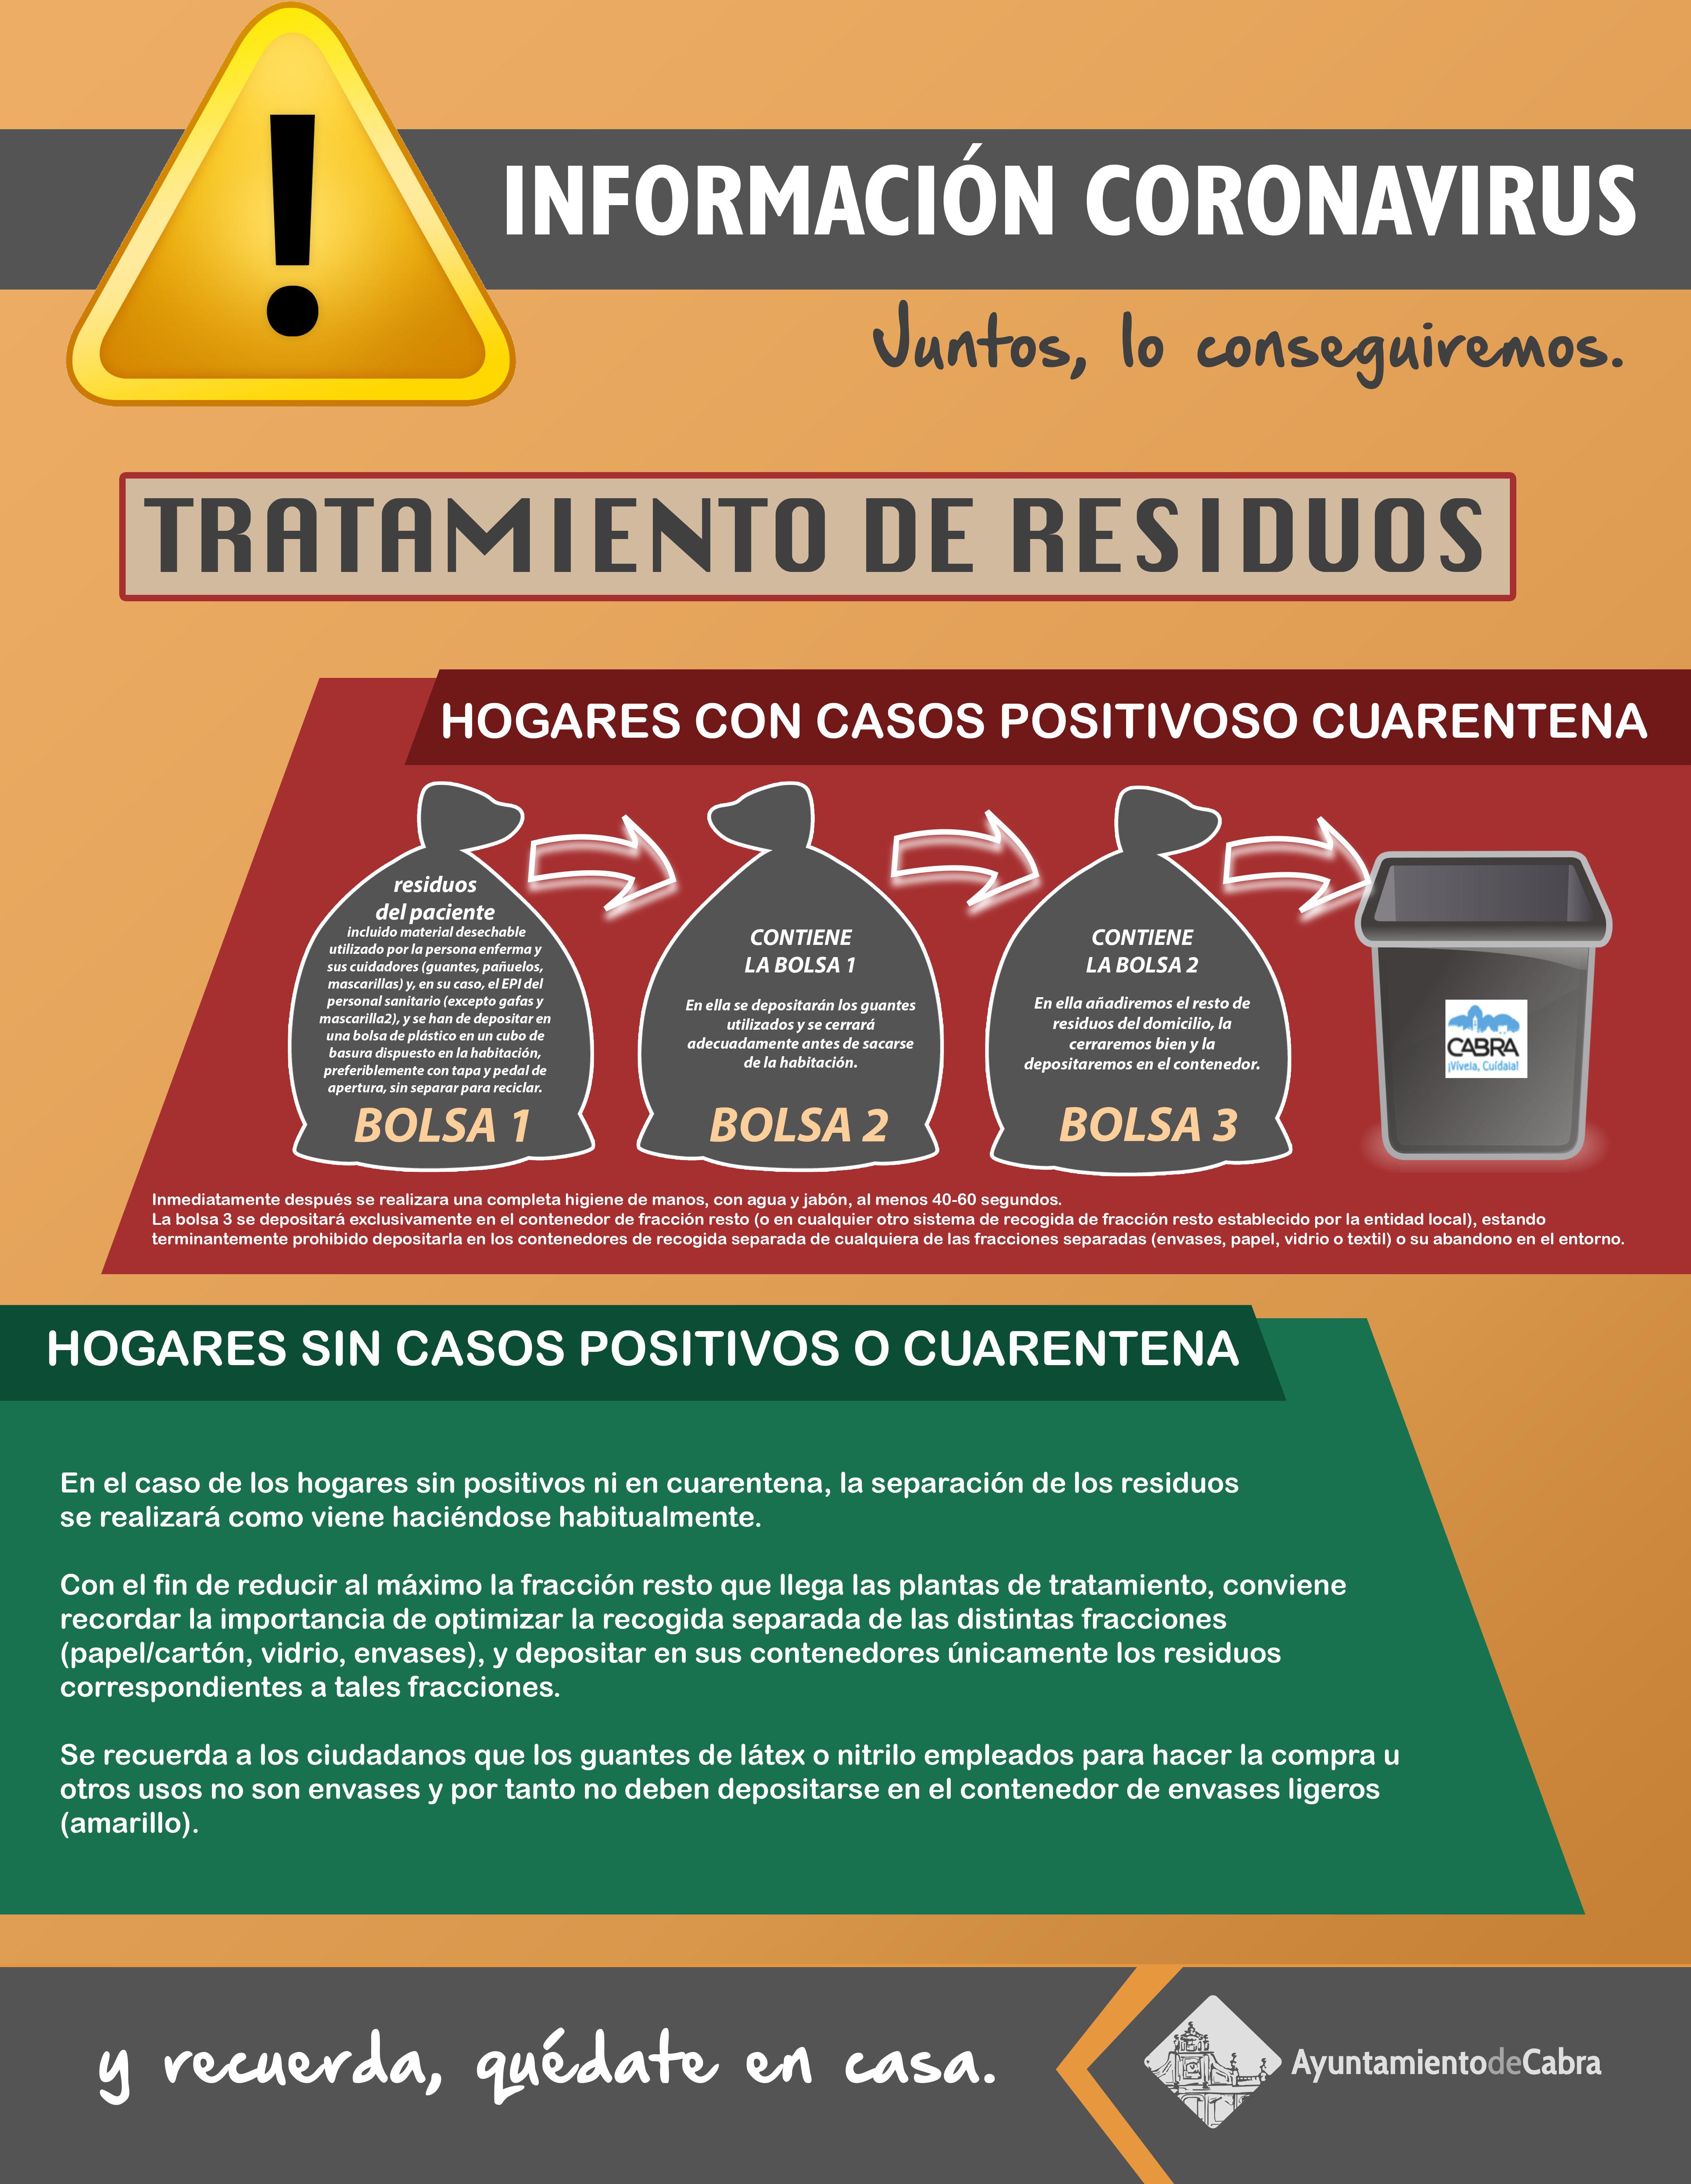 Información sobre la Gestión de Residuos durante el estado de Alarma